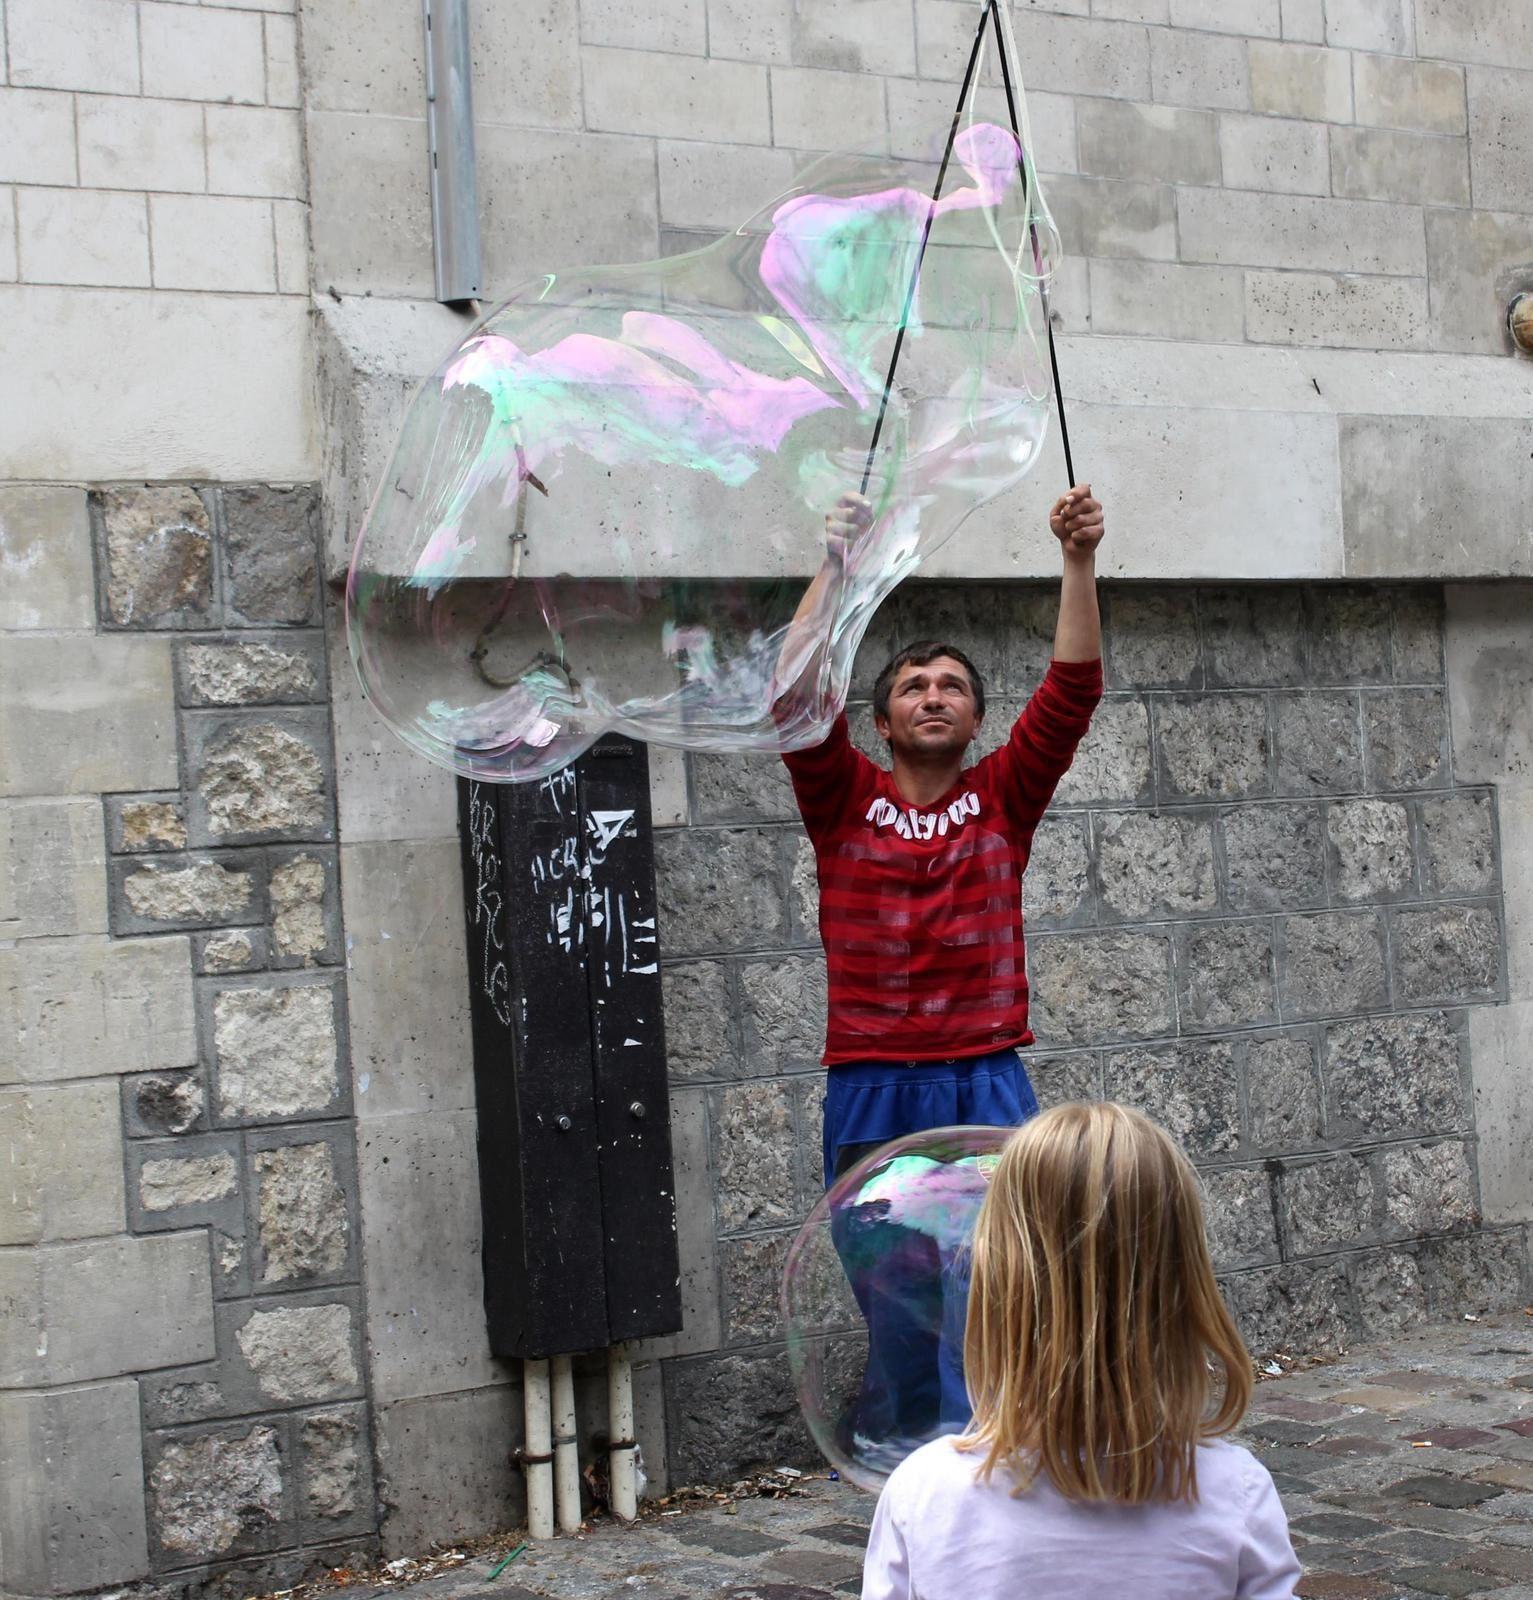 Bulles de savon. Le magicien triste et les enfants à Montmartre